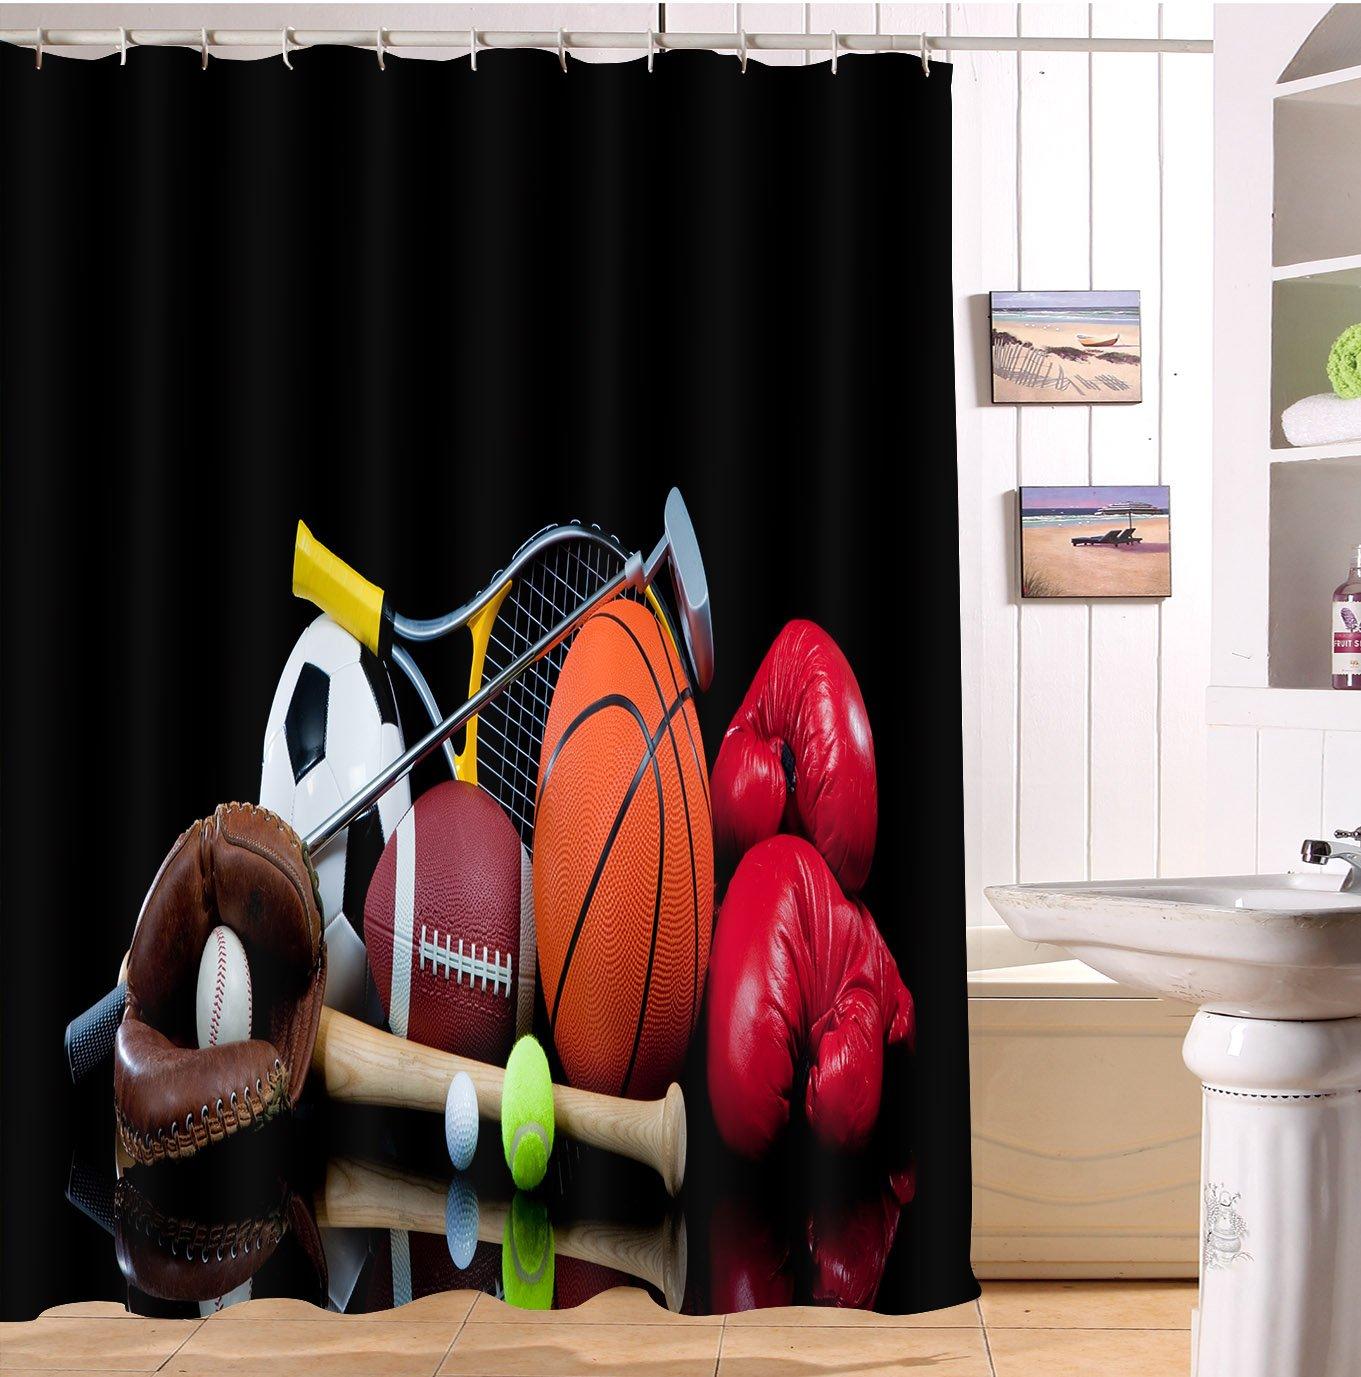 Jogo de bola beisebol basquete boxe futebol cortinas chuveiro para banheiro, tema esportes decoração cortina, 70 w x 78 l banheiro